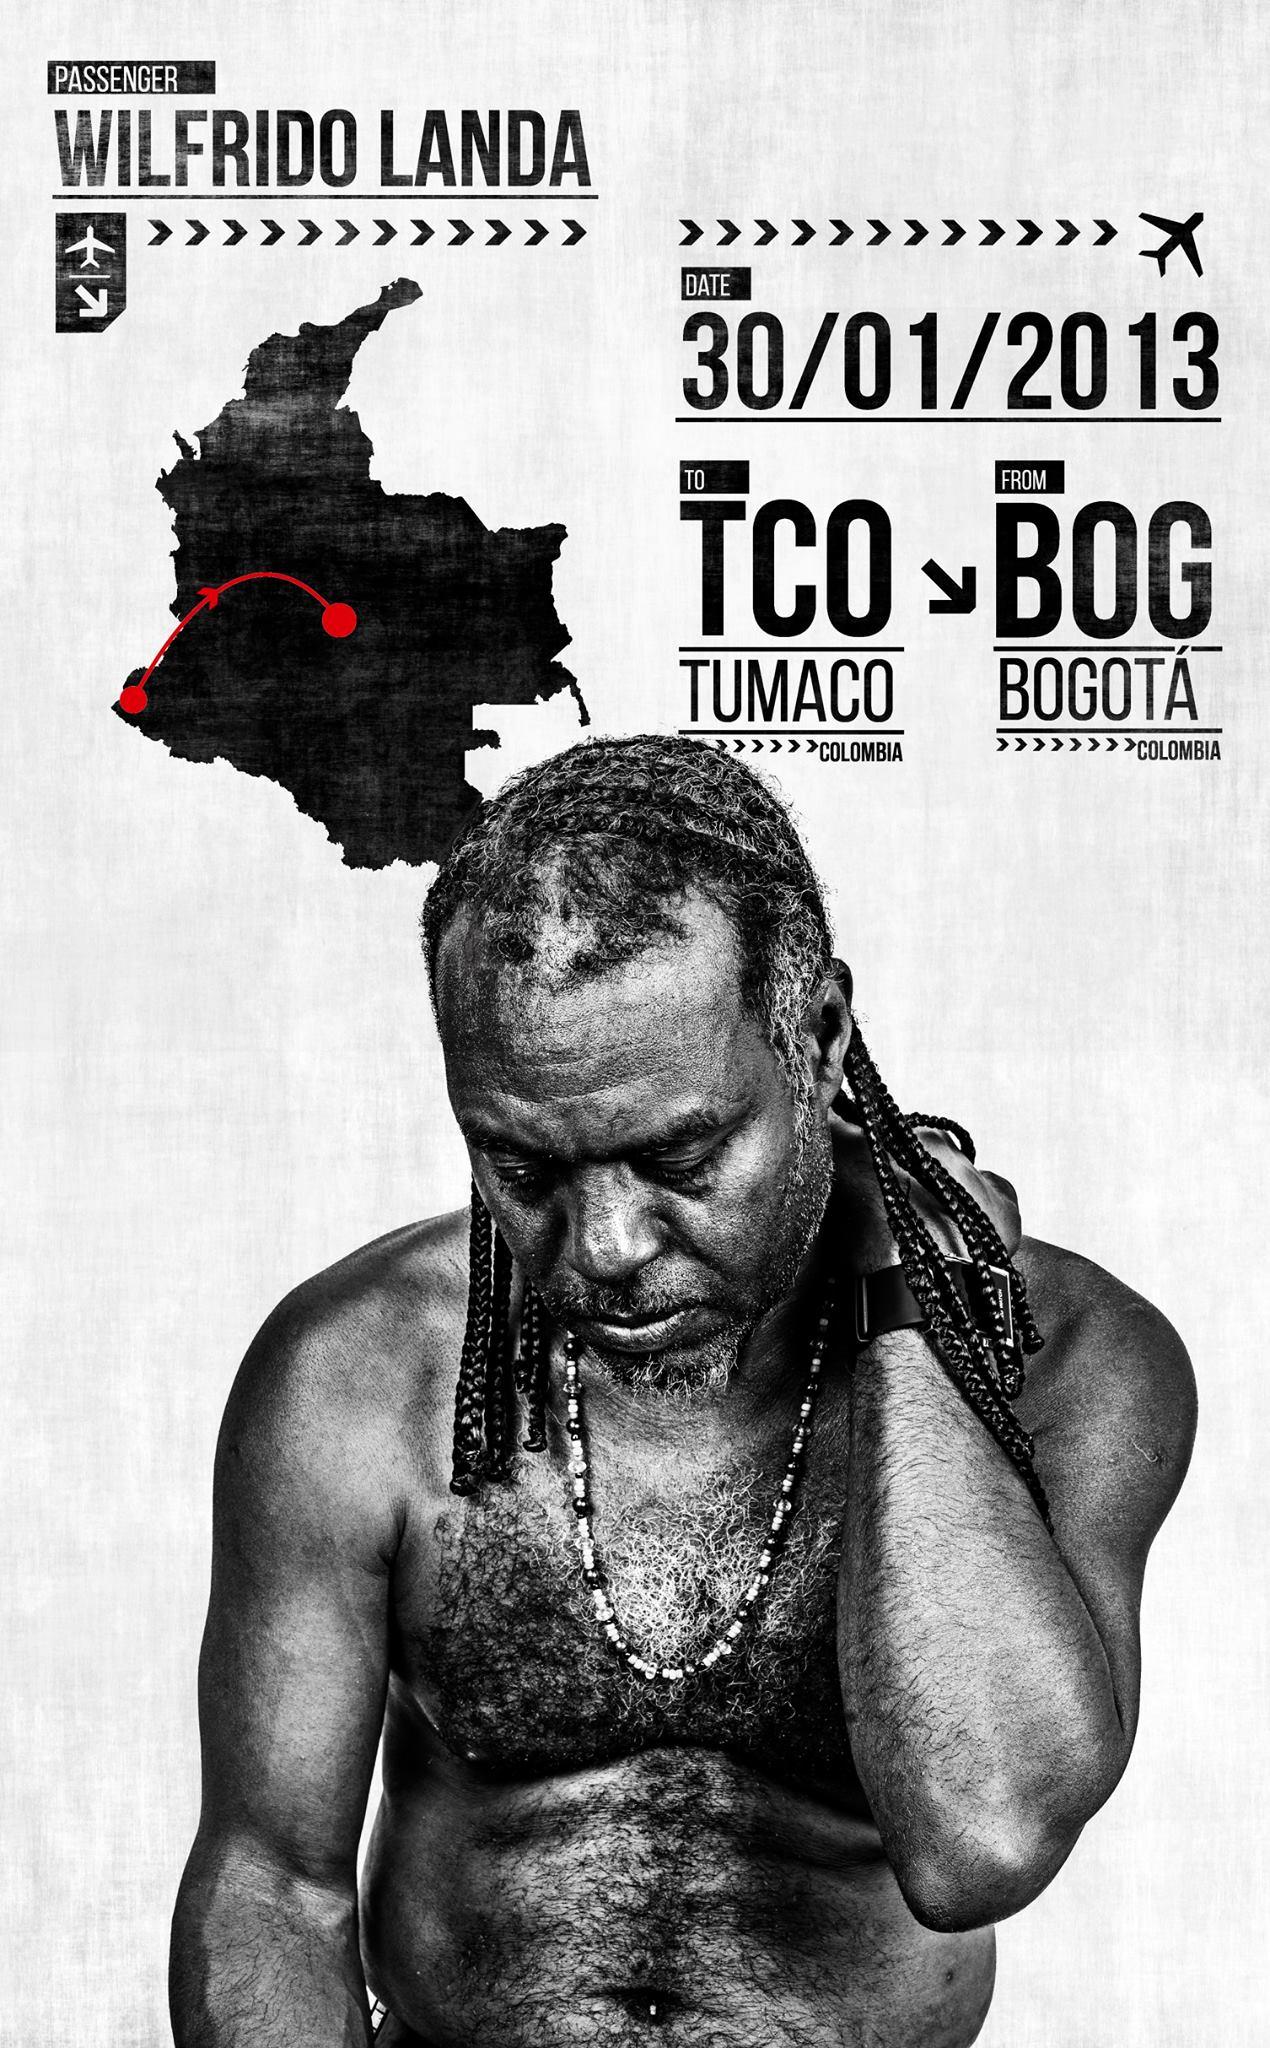 De Tumaco a Bogotá